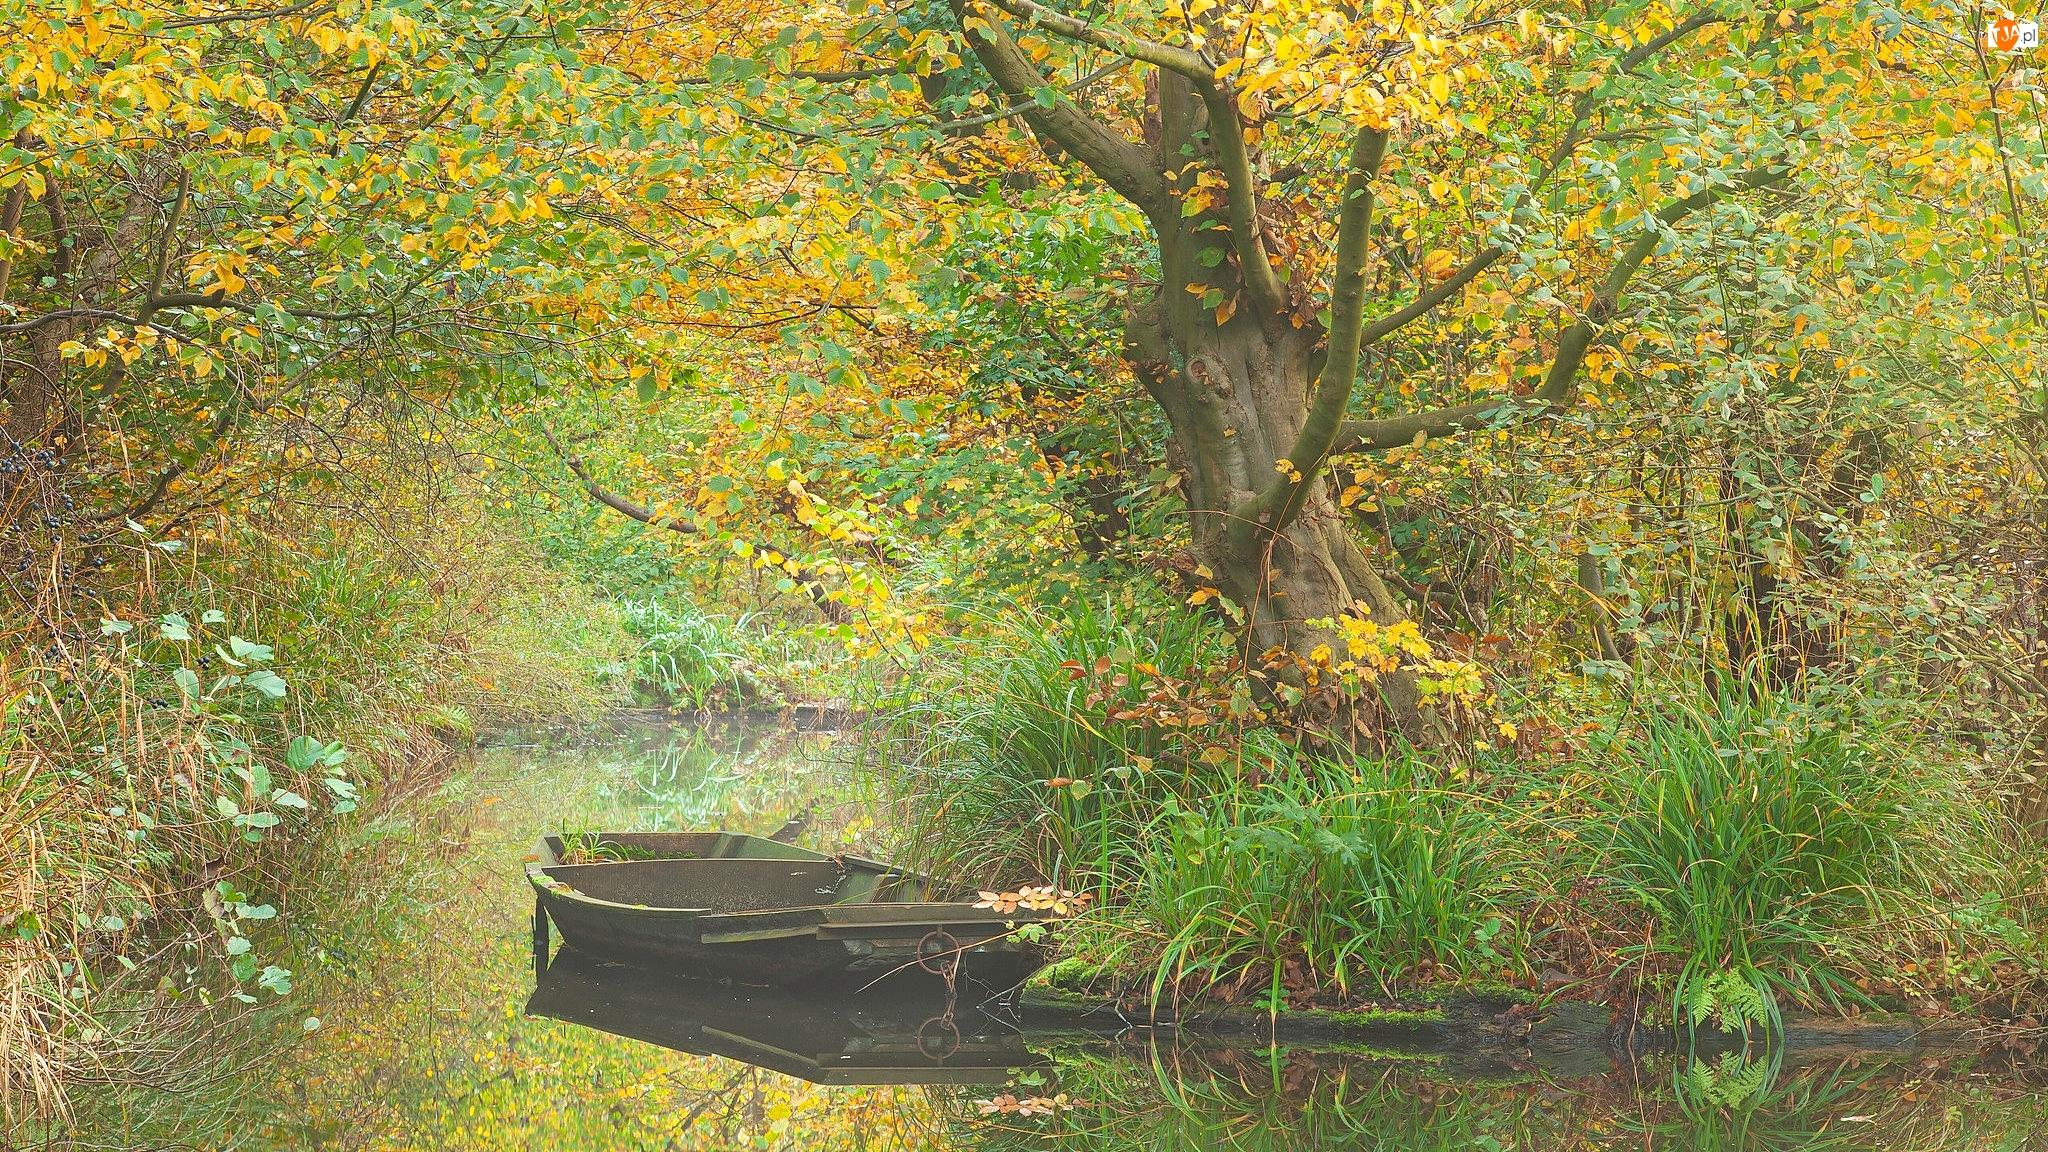 Rośliny, Rzeka, Łódka, Drzewa